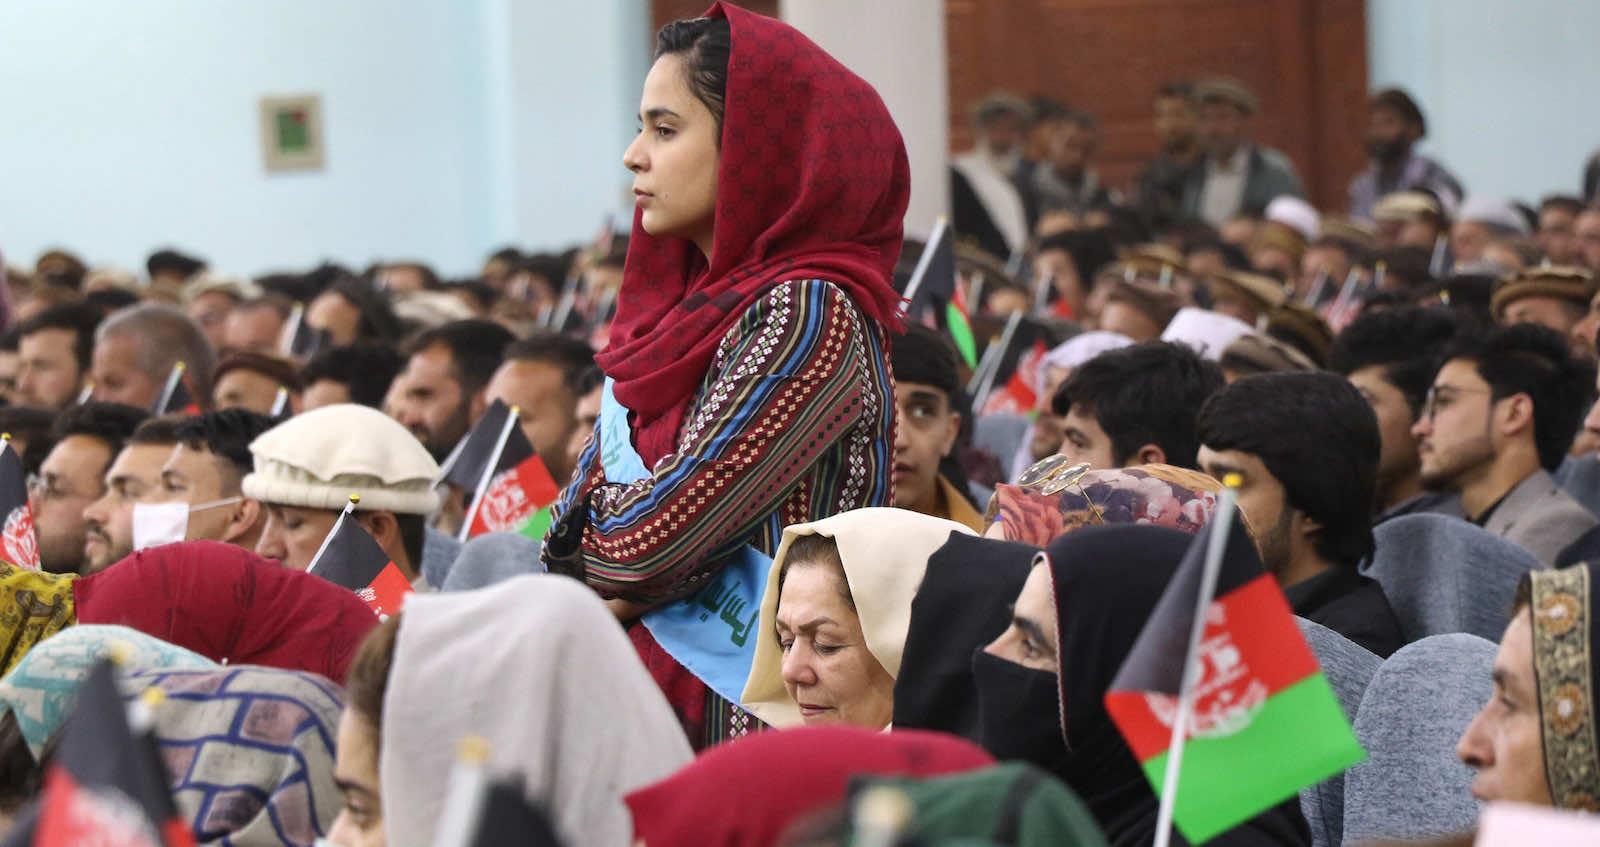 به خواسته های زنان در مذاکرات با طالبان توجه شود